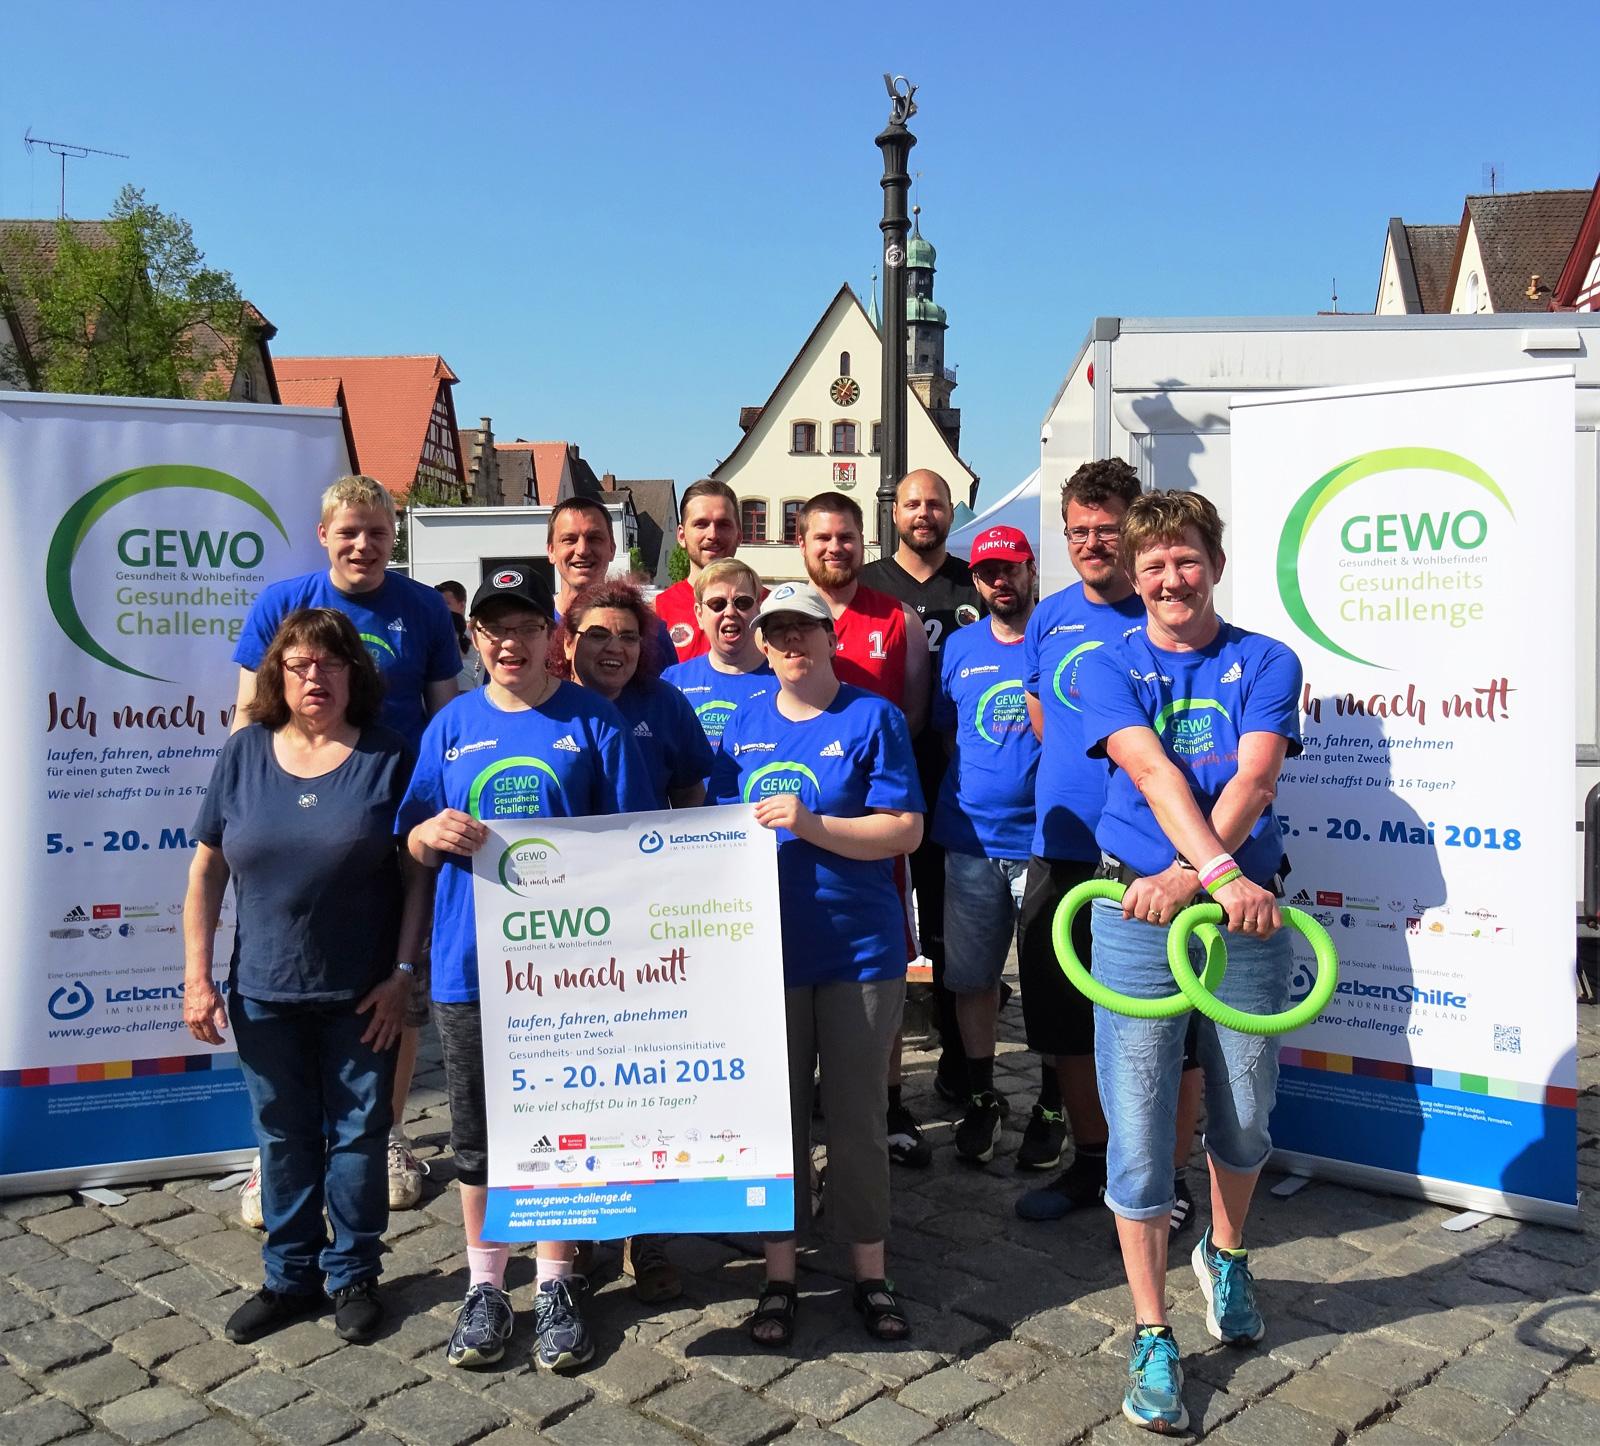 Die Bärenbrüder des SK Heuchling und Bewohner der Lebenshilfe rühren ab sofort kräftig die Werbetrommel für die zweite Gewo-Challenge der Lebenshilfe Nürnberger Land.